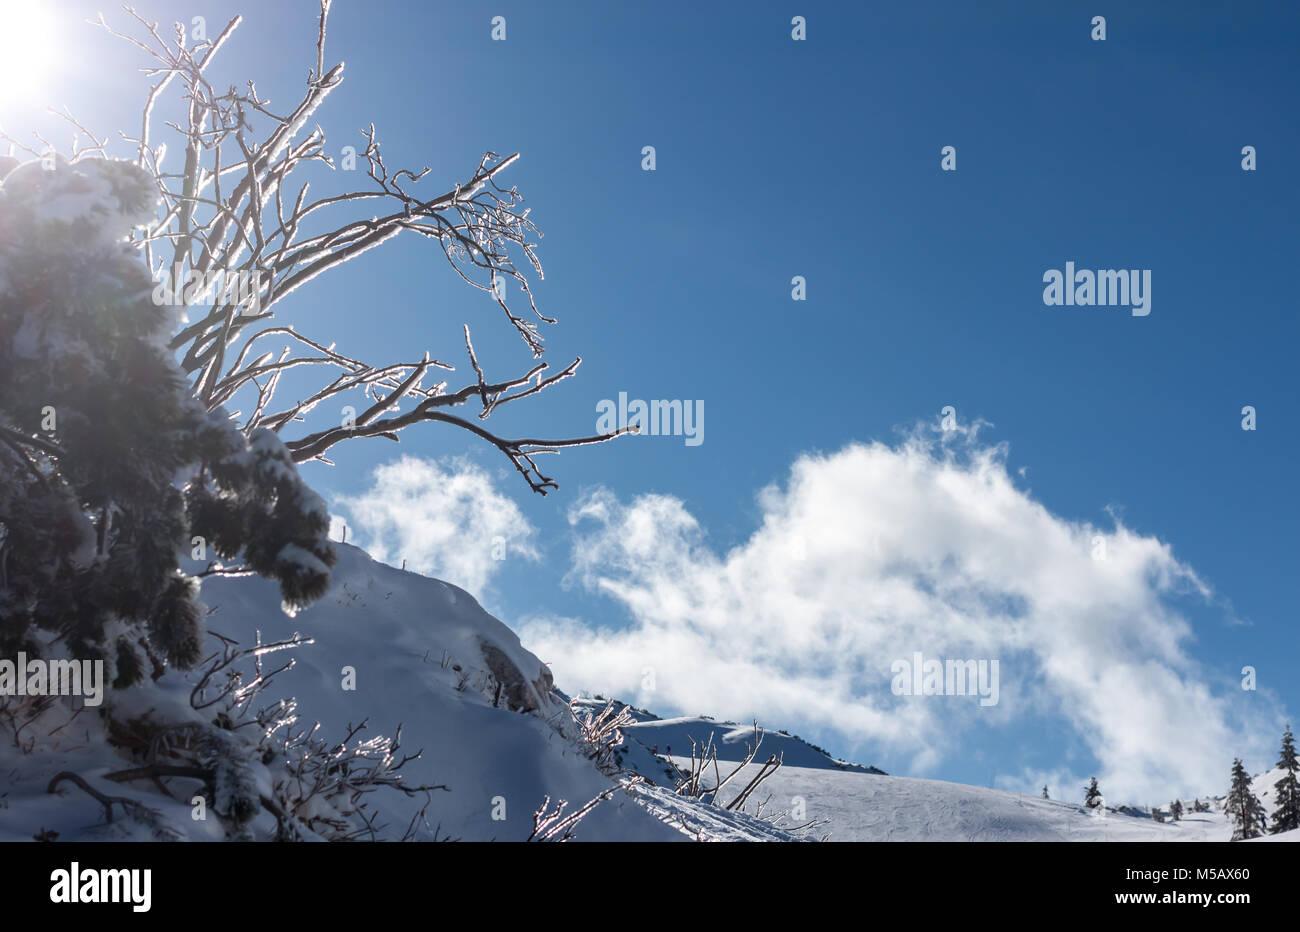 winter ski resort in Alps - Stock Image